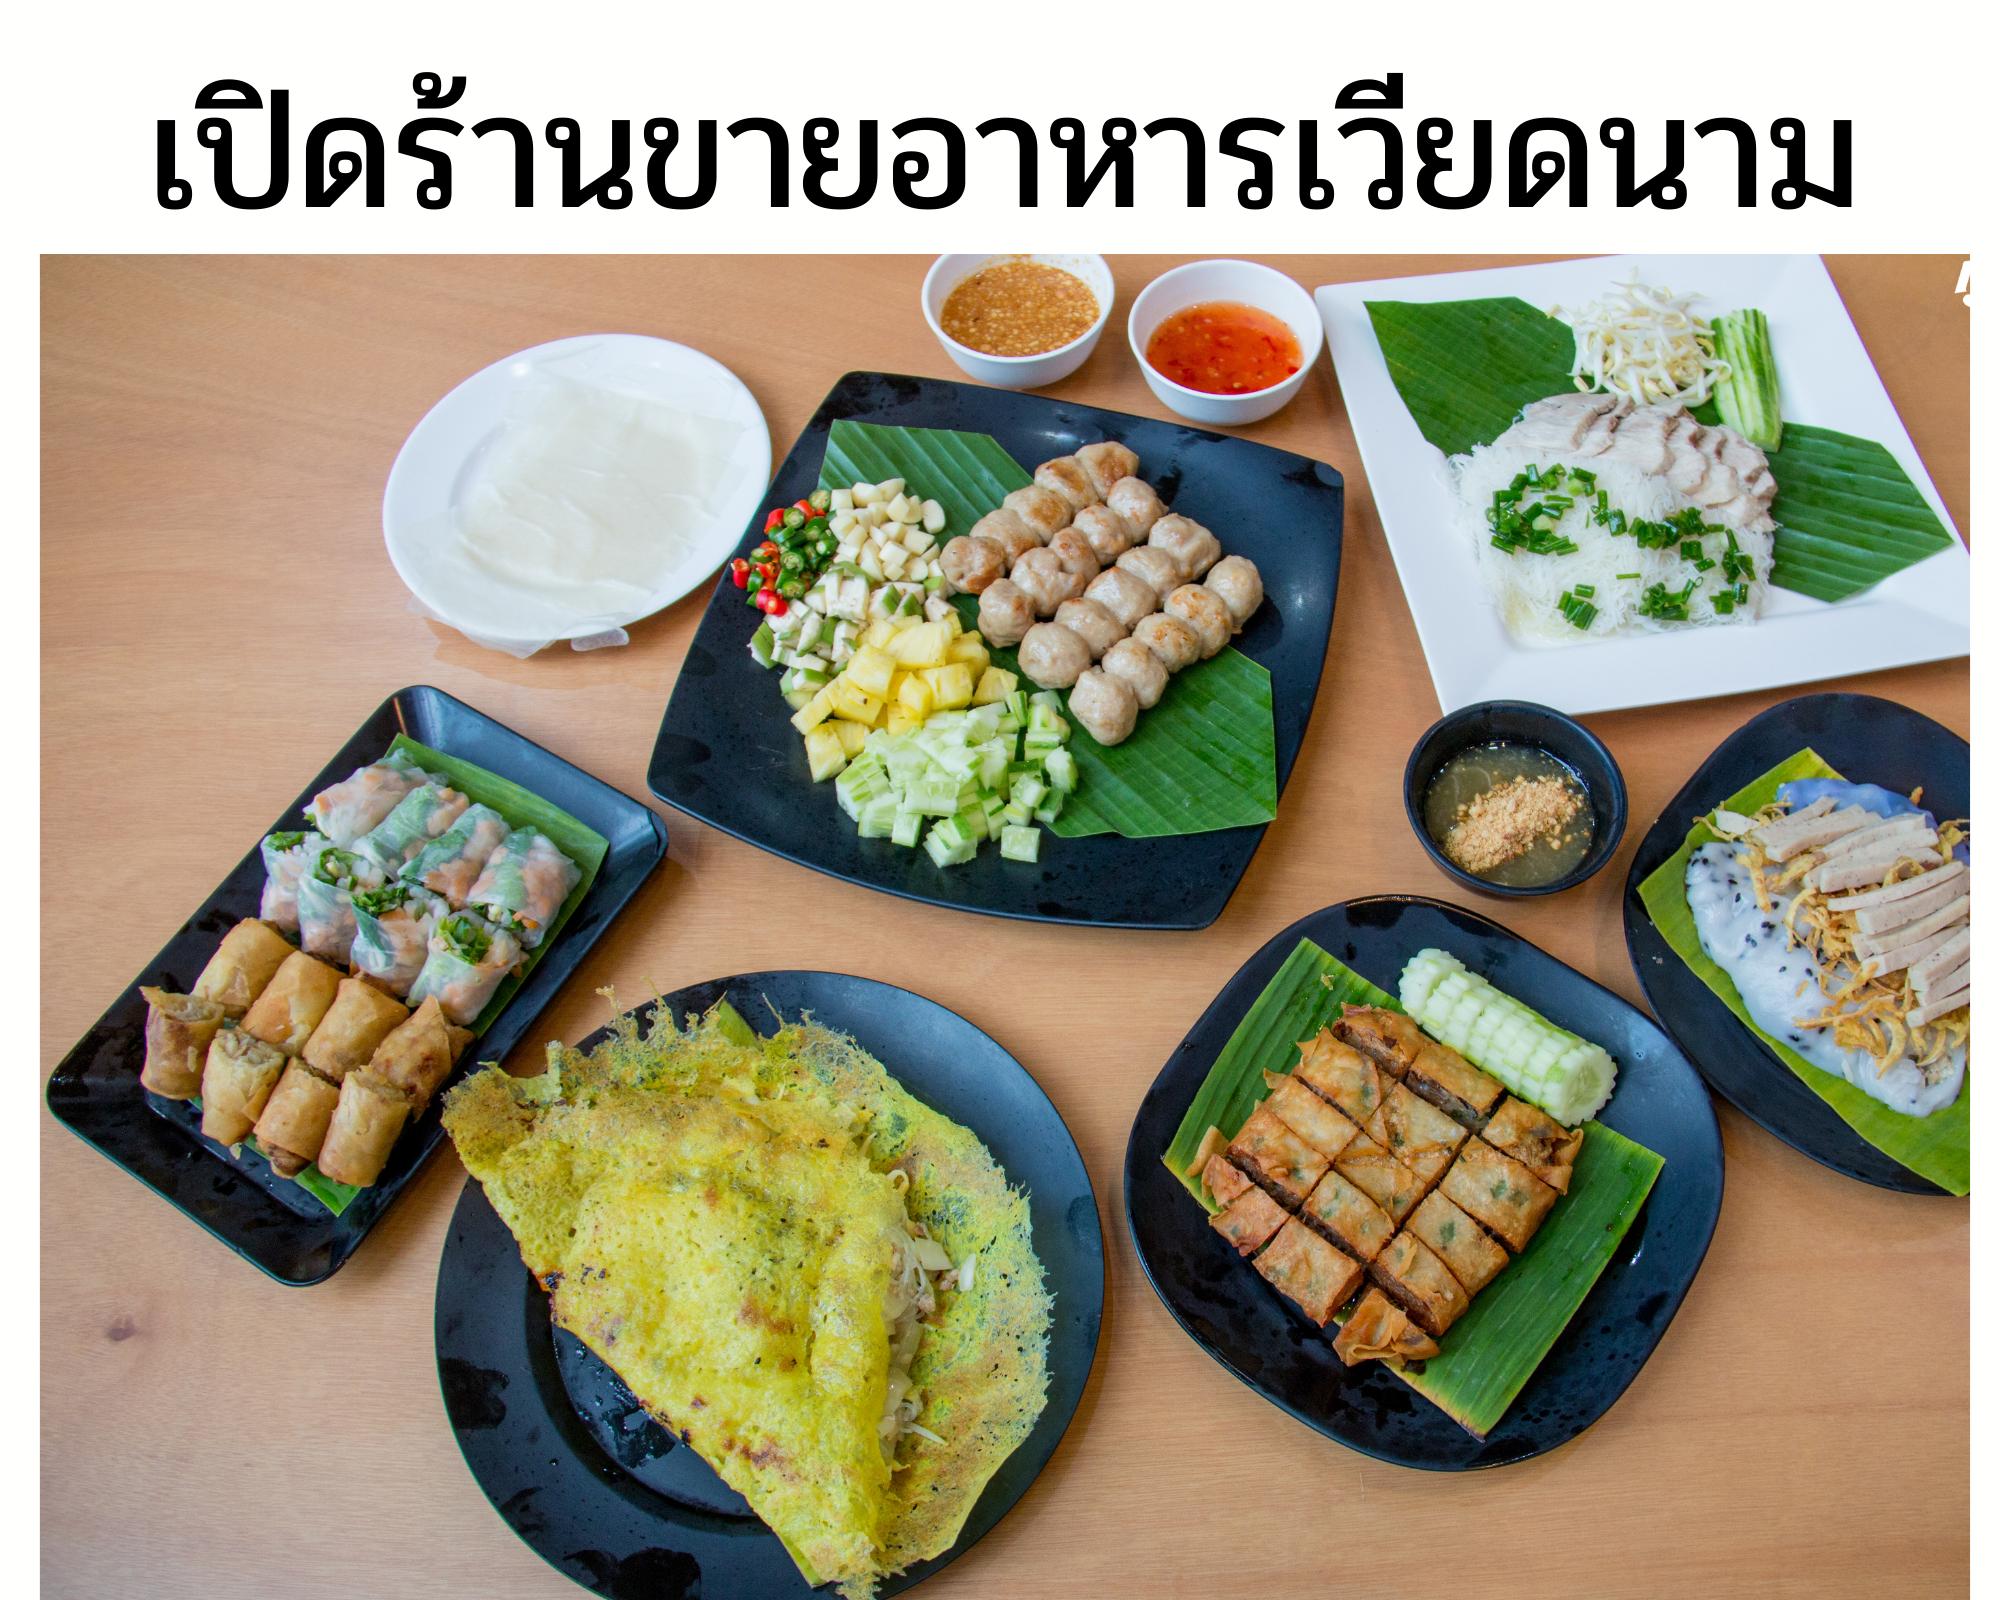 เปิดร้าน ขายอาหาร เวียดนาม กับอาชีพ